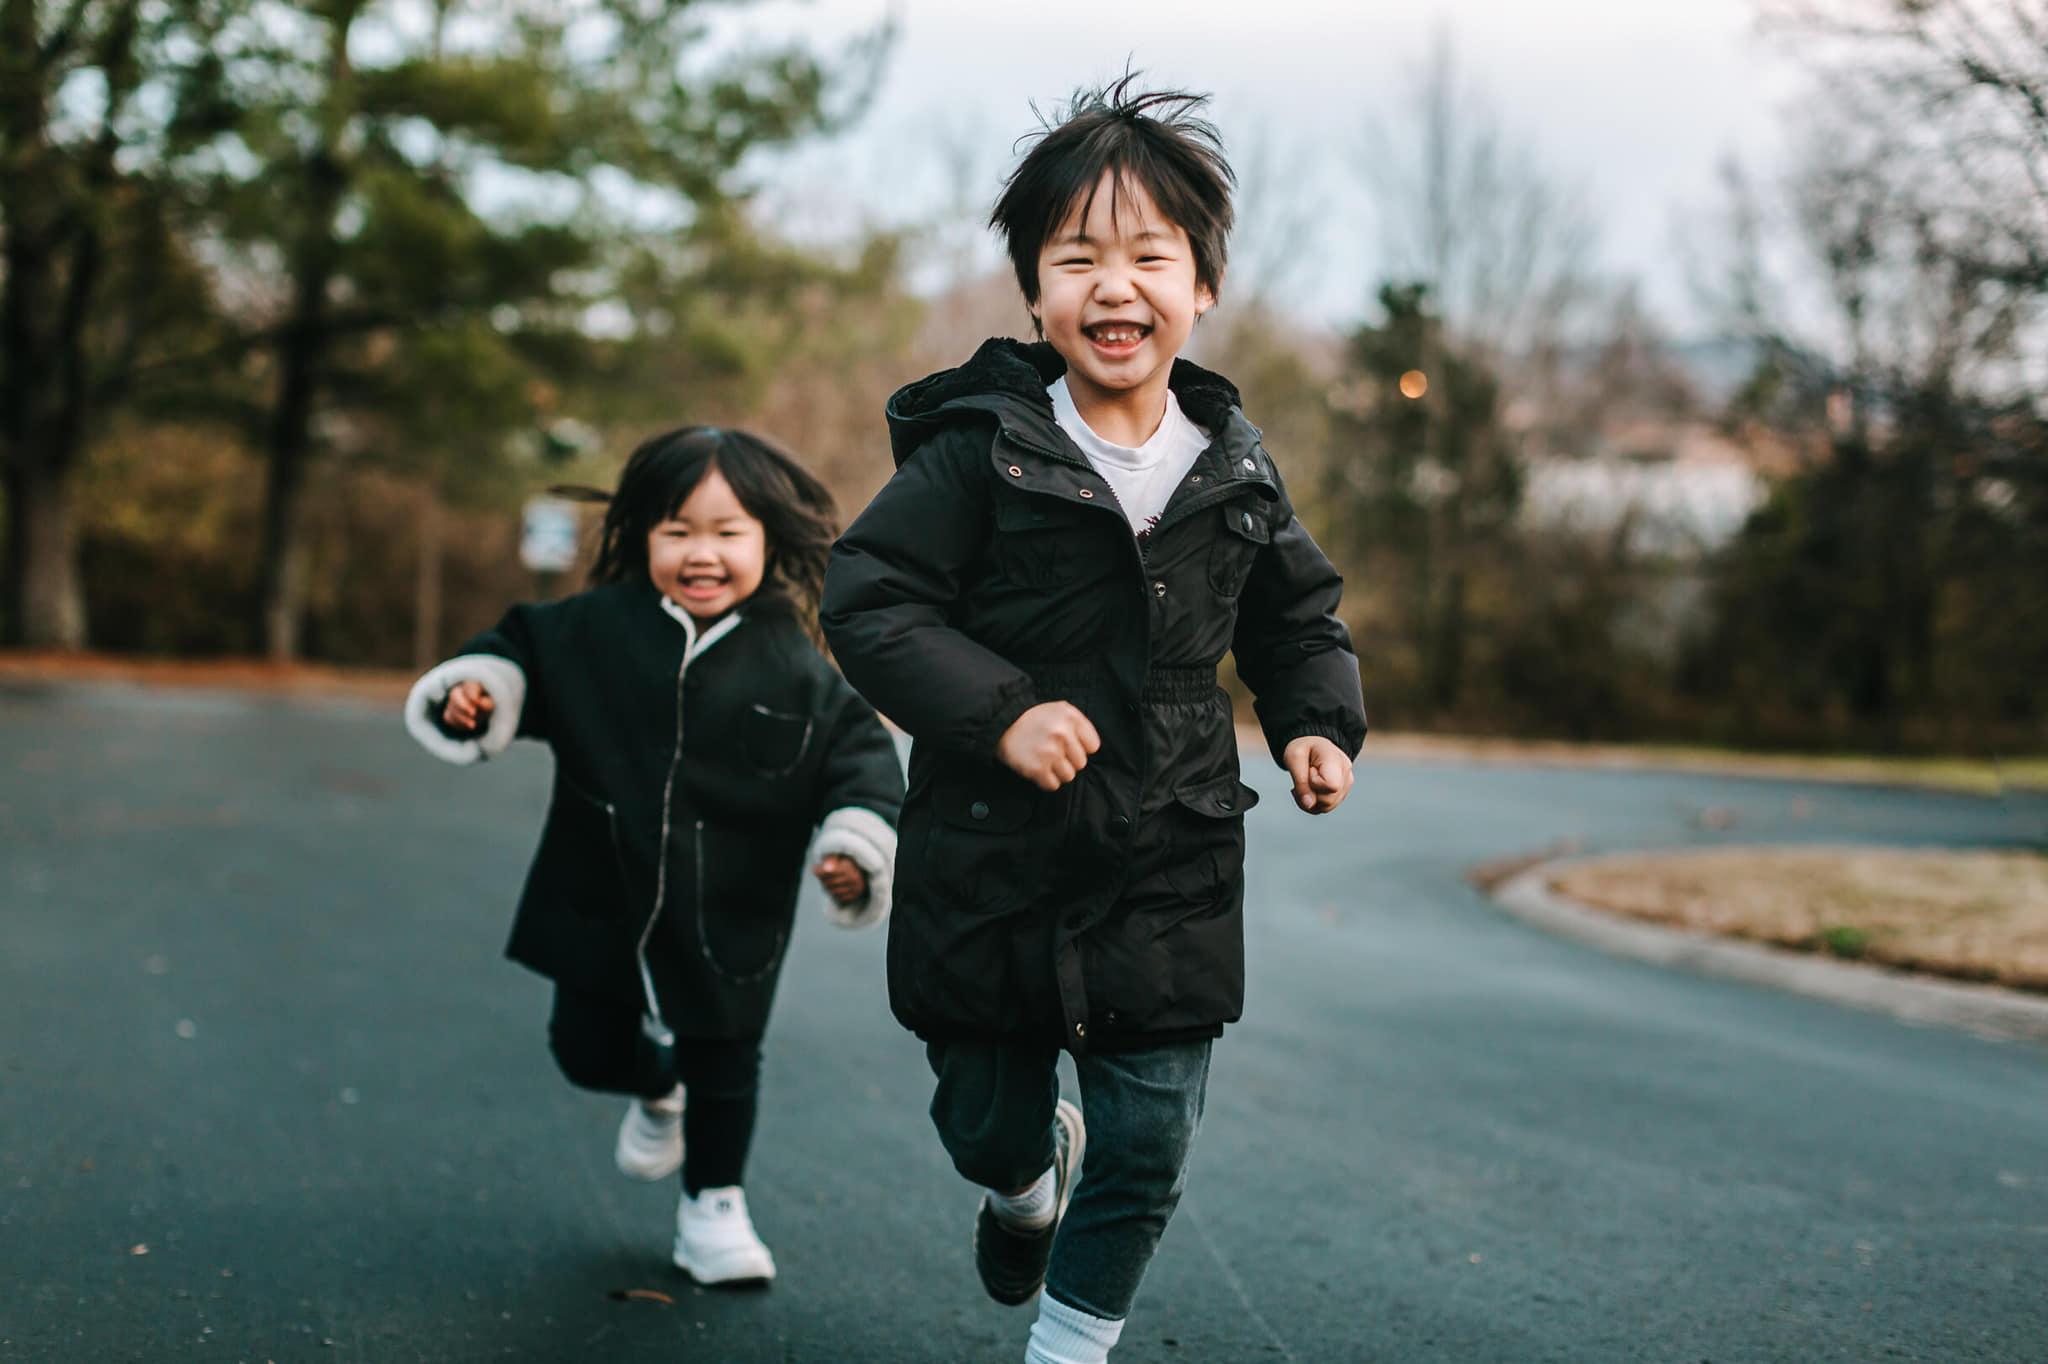 franklin-nashville-family photographer-siblings44.jpg